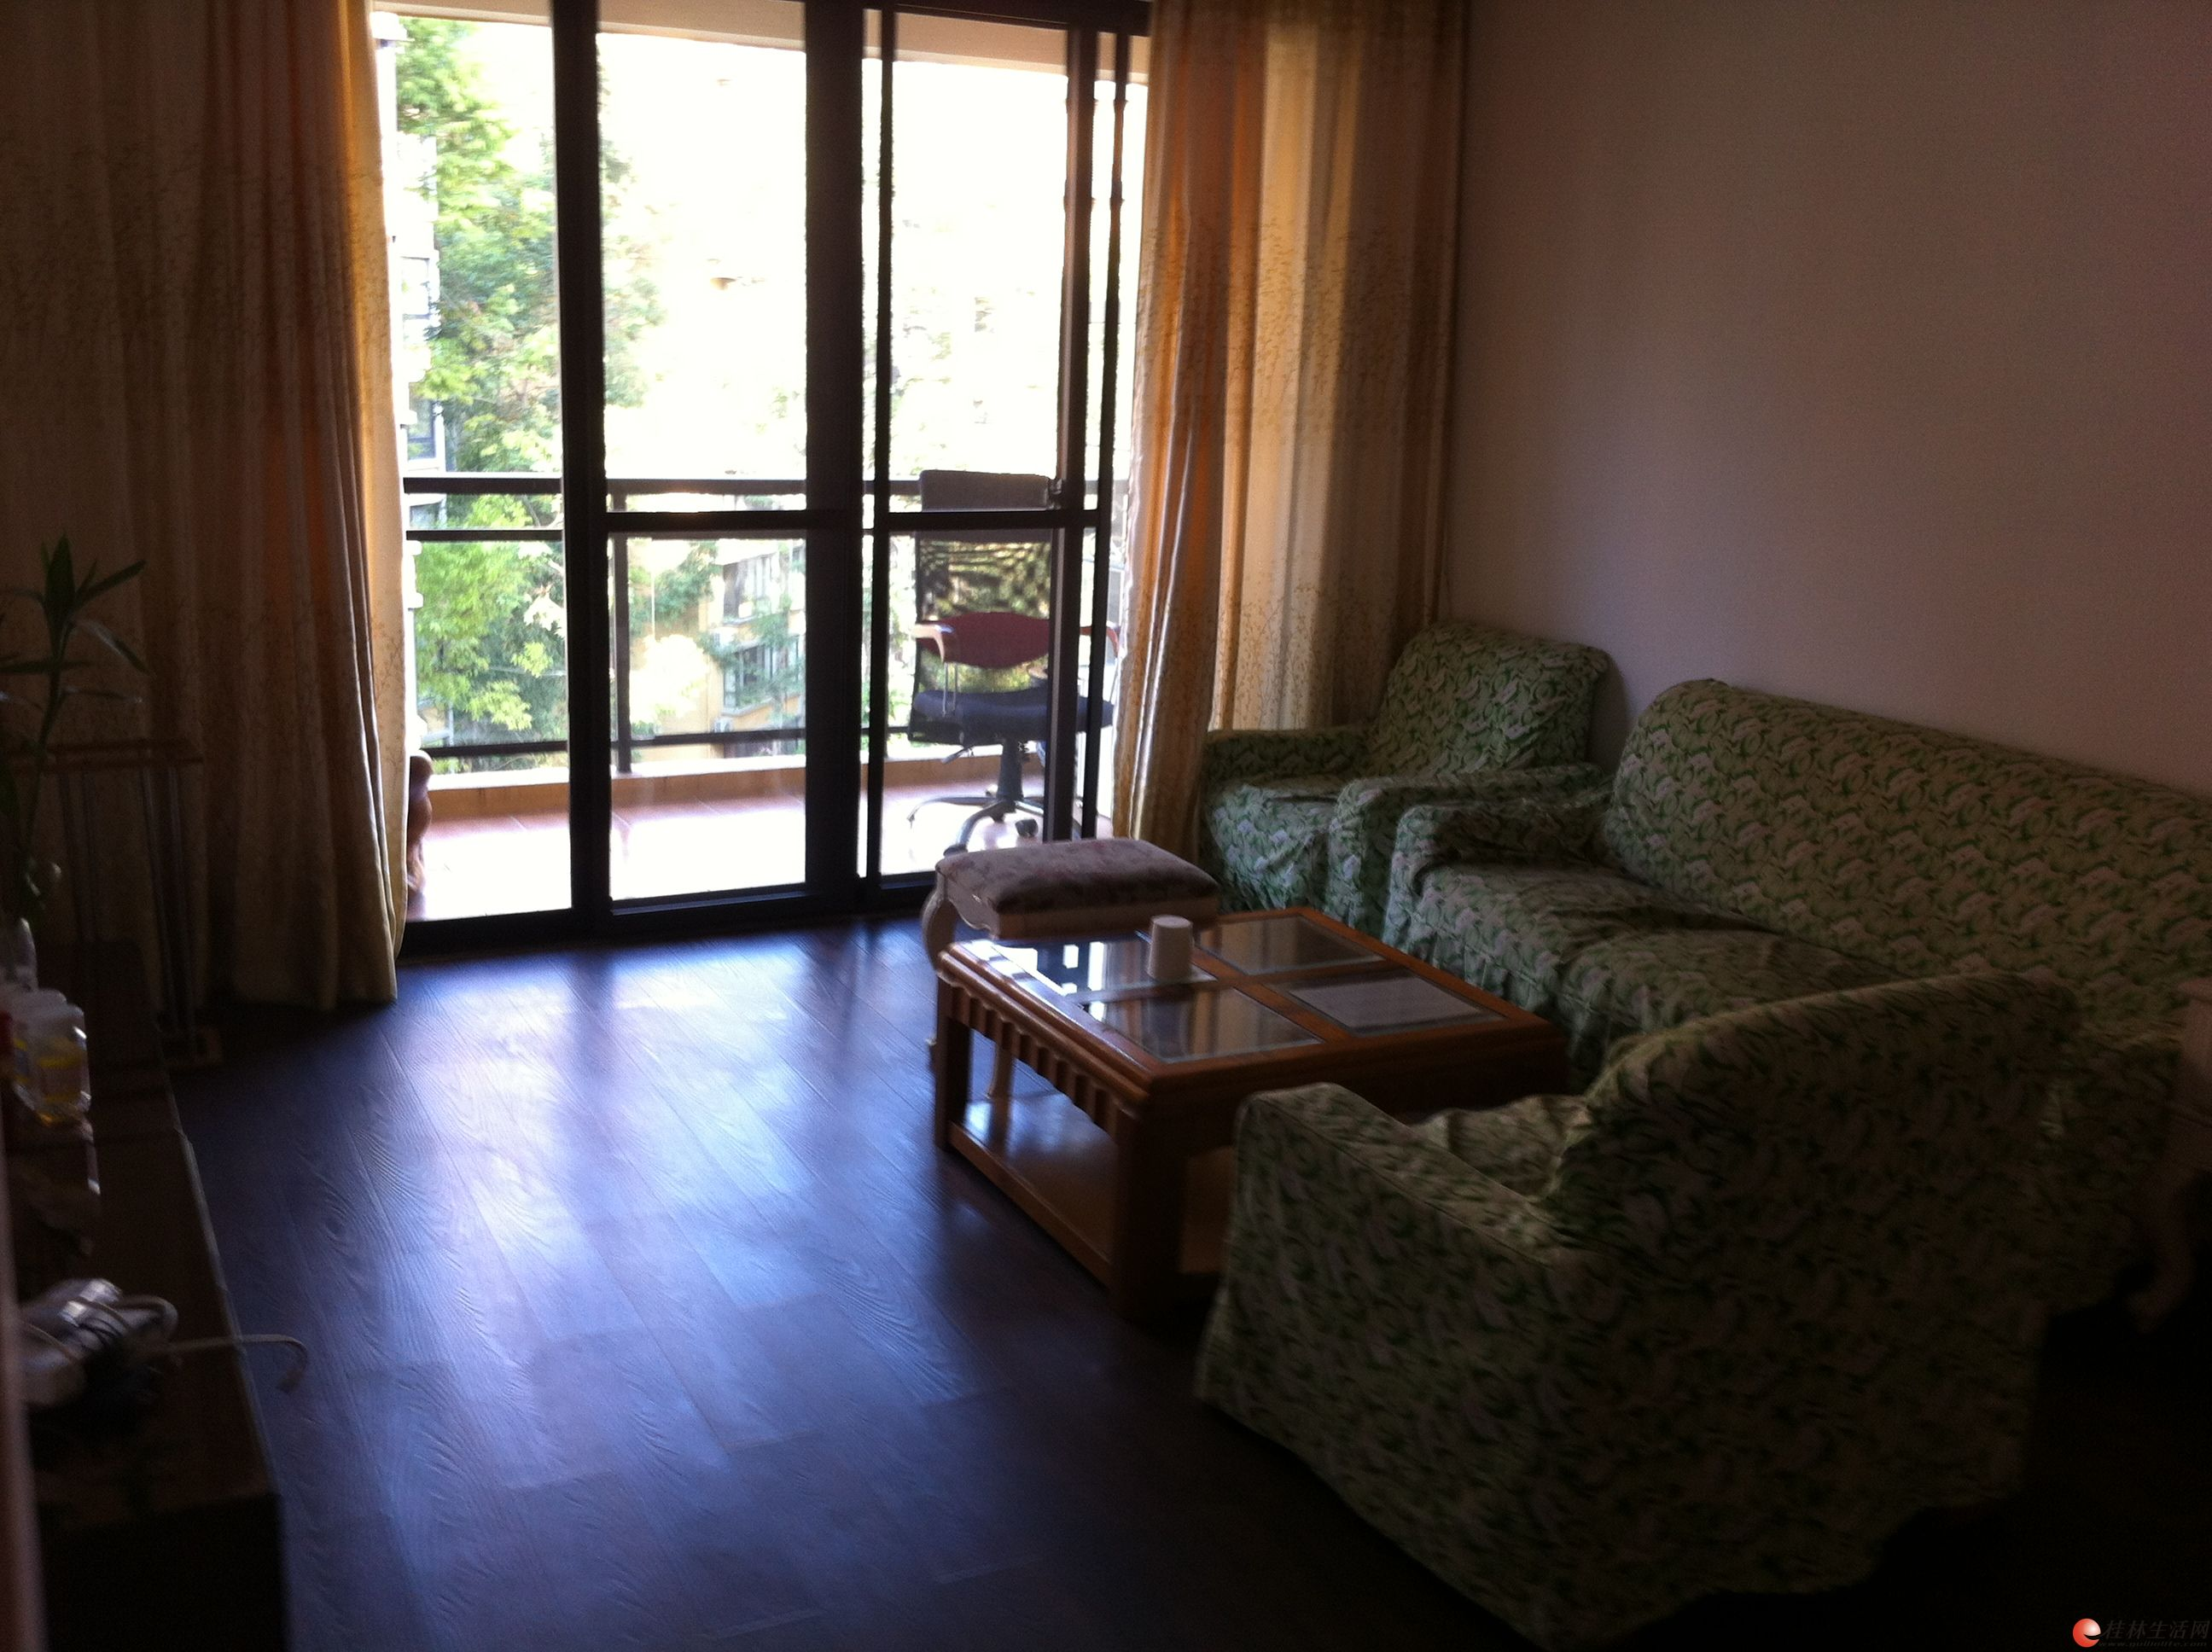 S象山区 彰泰鸣翠新城两房两厅精装花园小区 安全舒服入住!